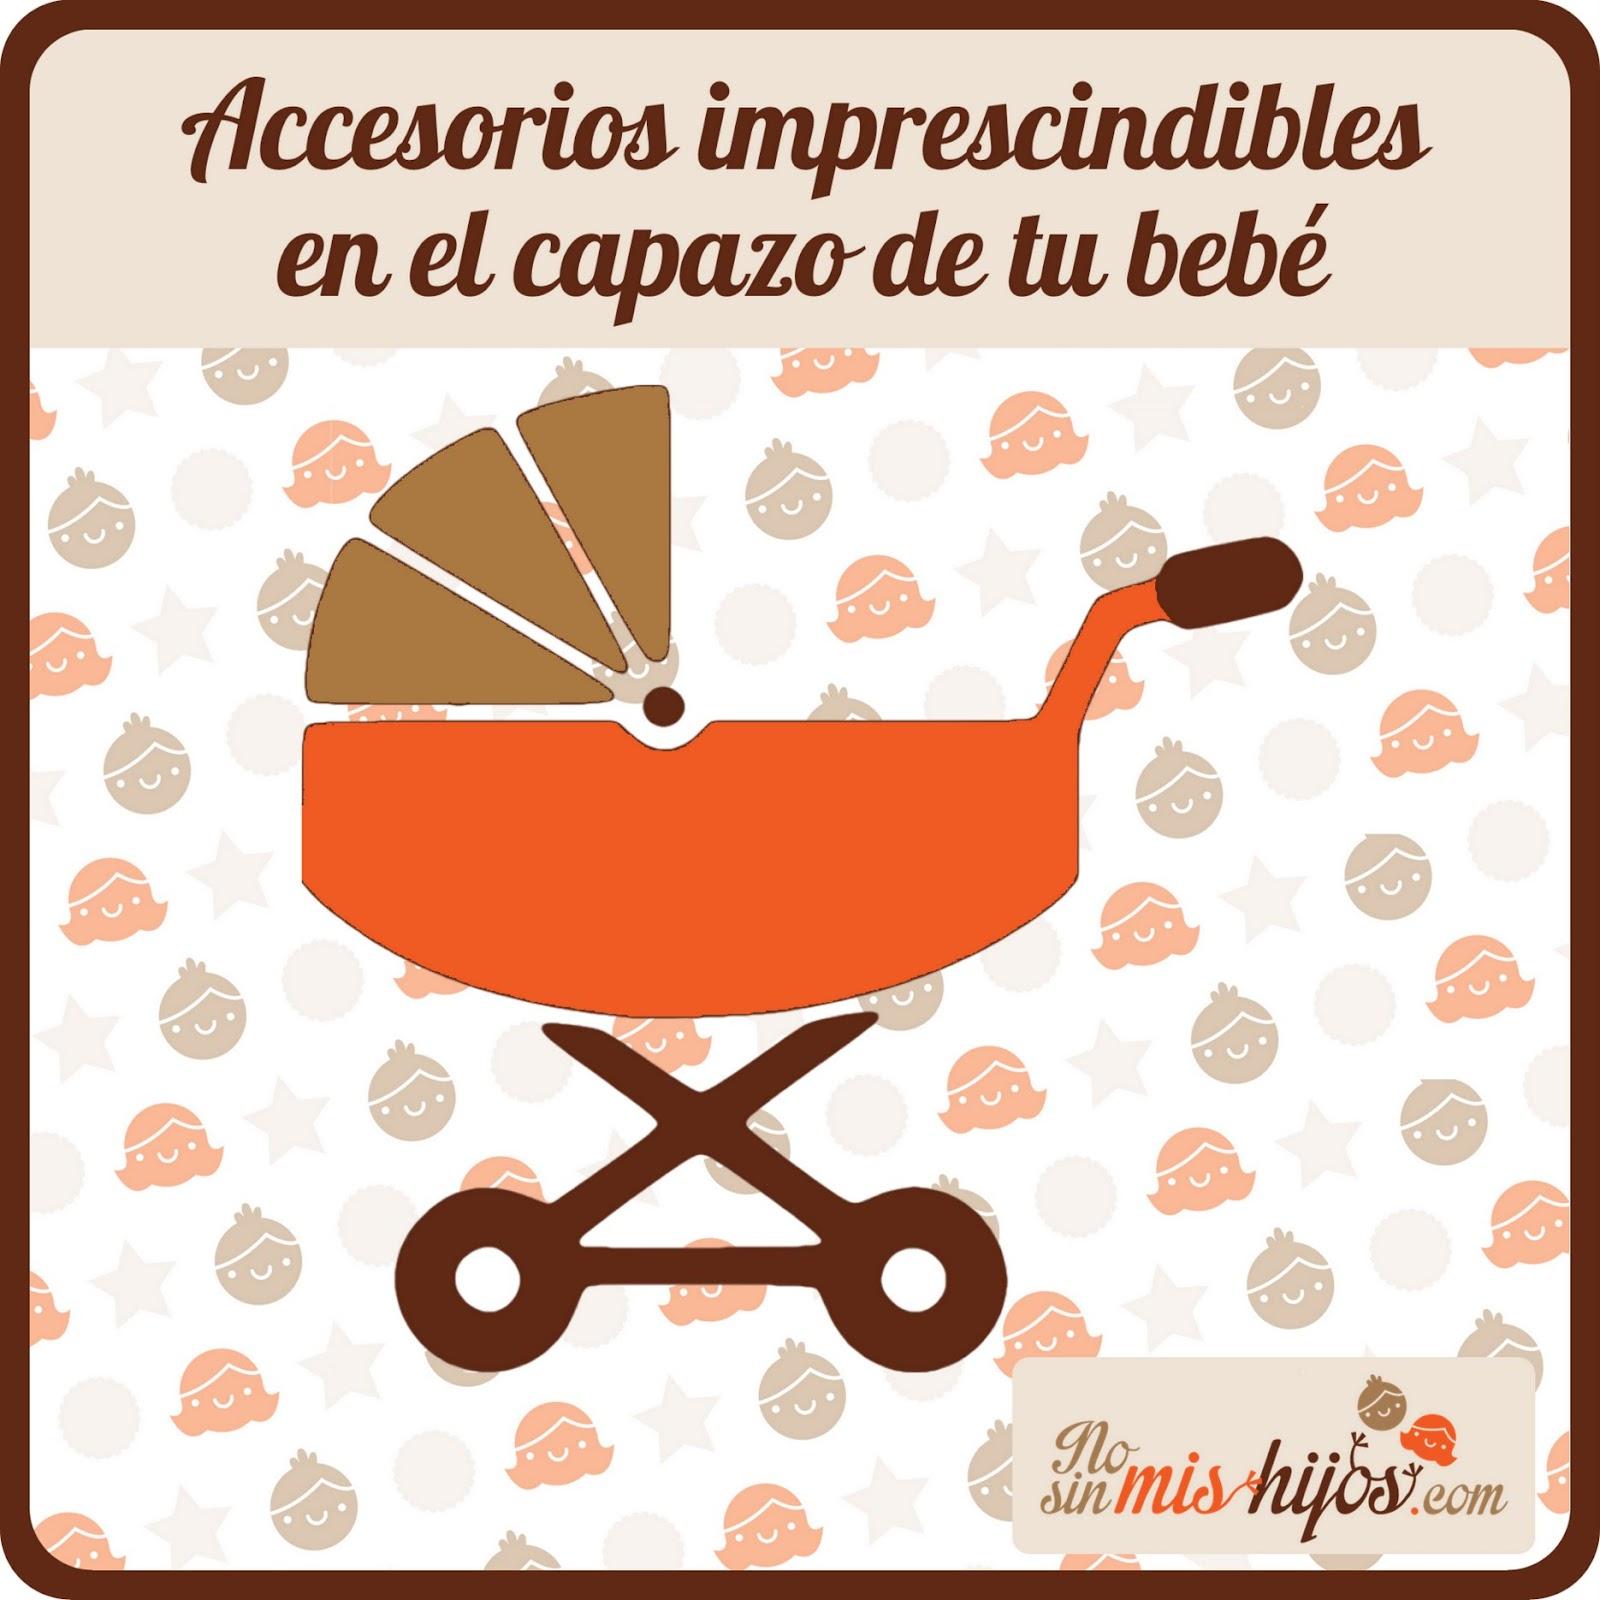 No sin mis hijos  Accesorios imprescindibles para el capazo de tu bebé 3a3340db4c28